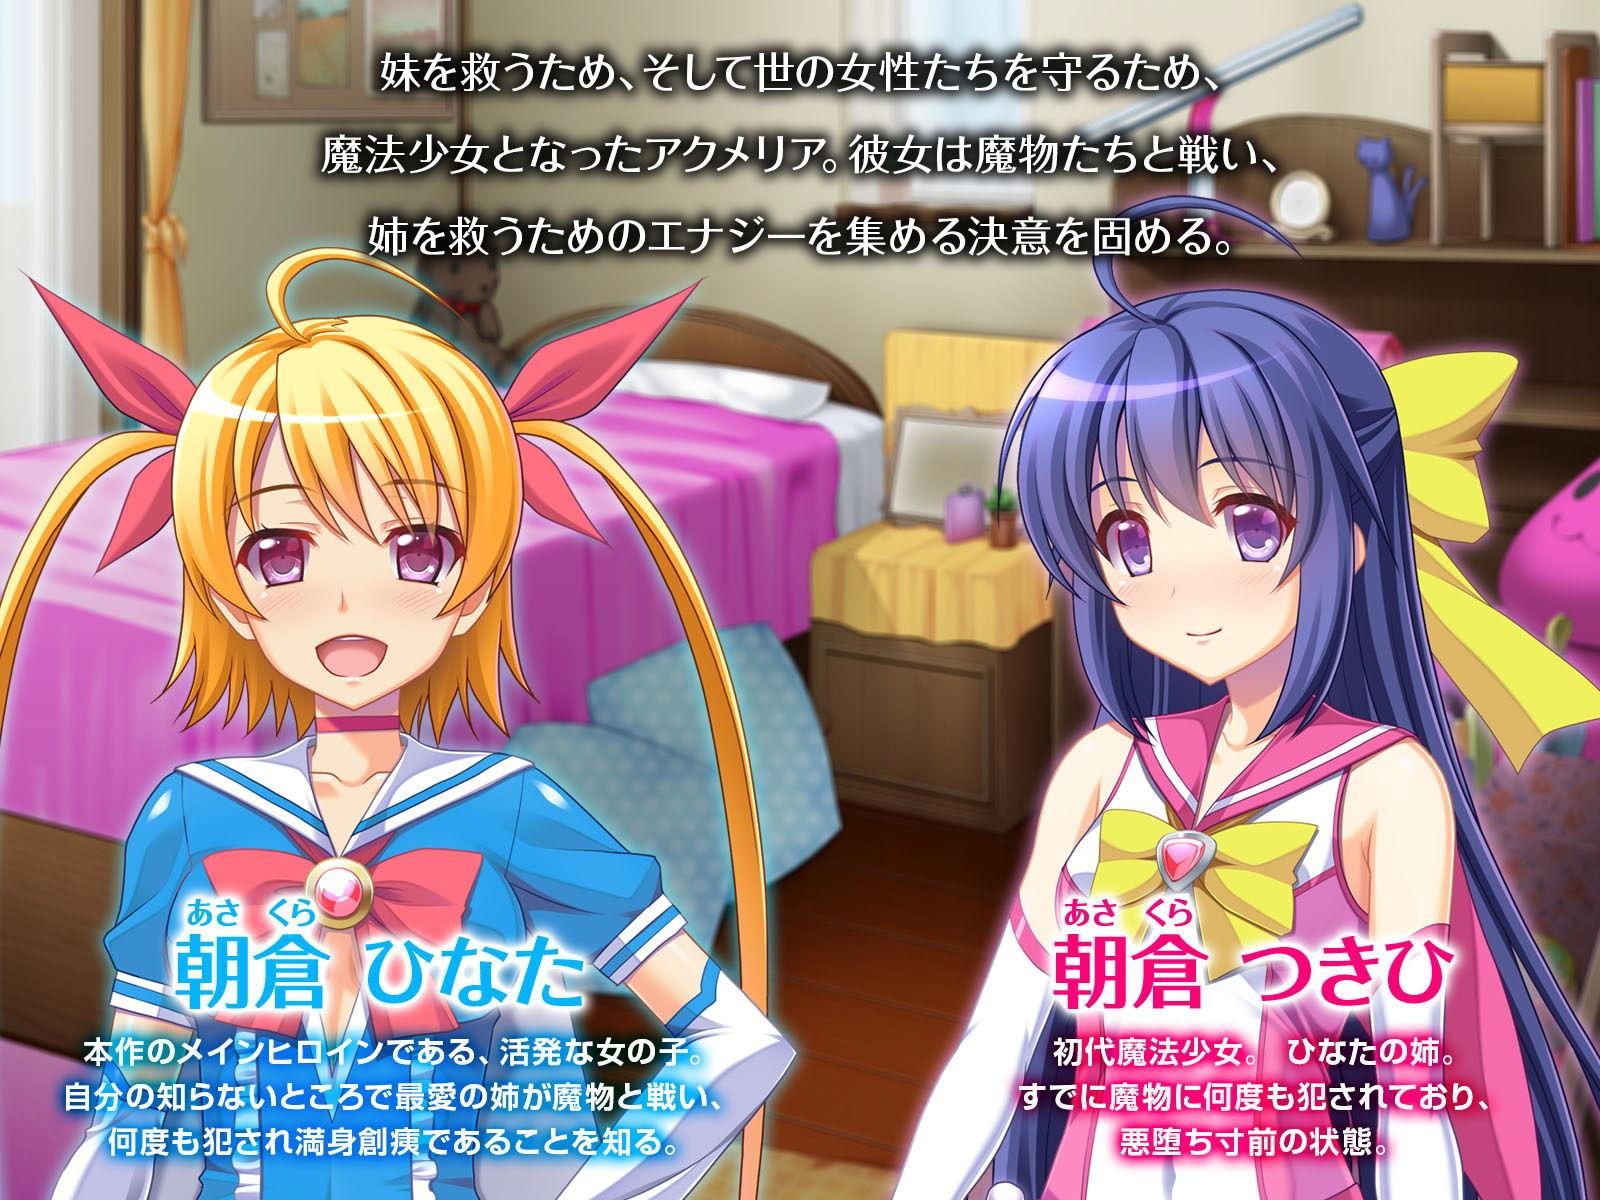 【どろっぷす! 同人】アヘイキ魔法少女VS触手!!~悪堕ちフタナリ姉妹丼~